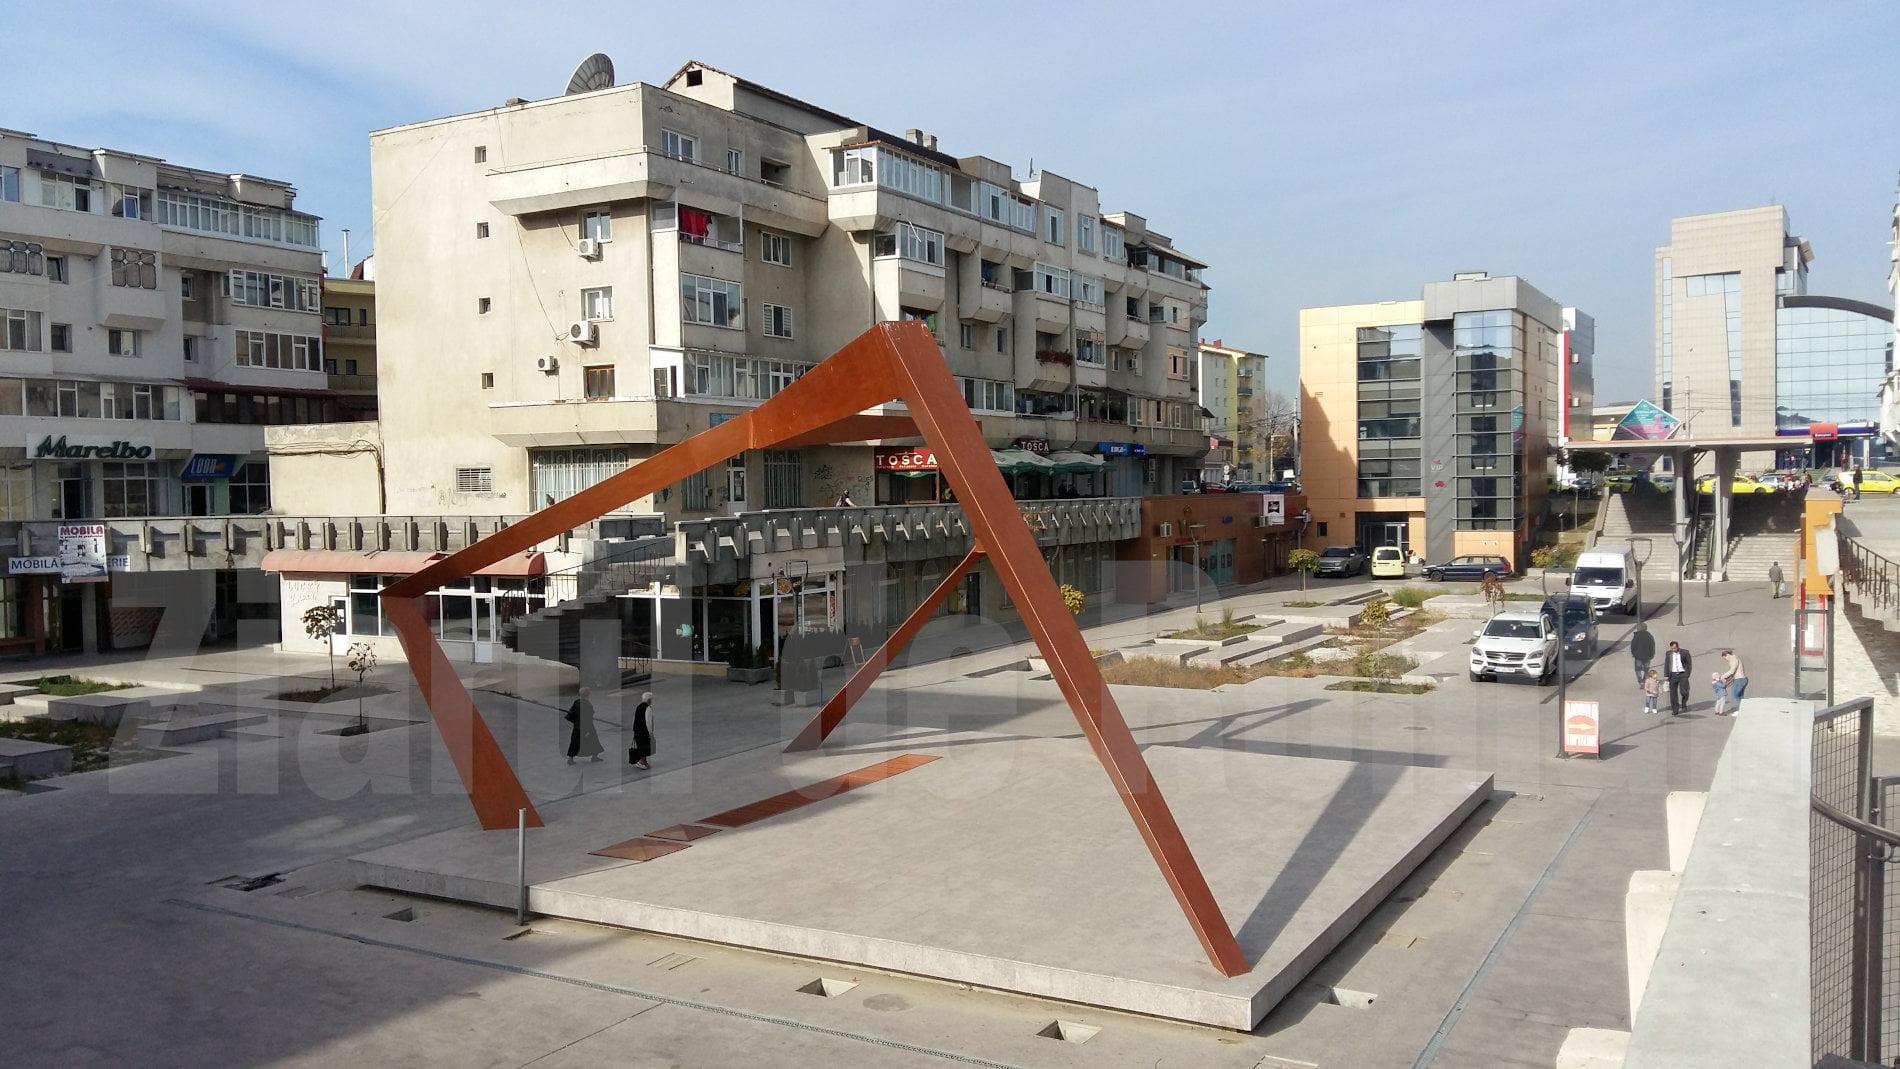 Birou de eliberări permise auto și sediu nou pentru Pașapoarte, în Pietonalul Ștefan cel Mare